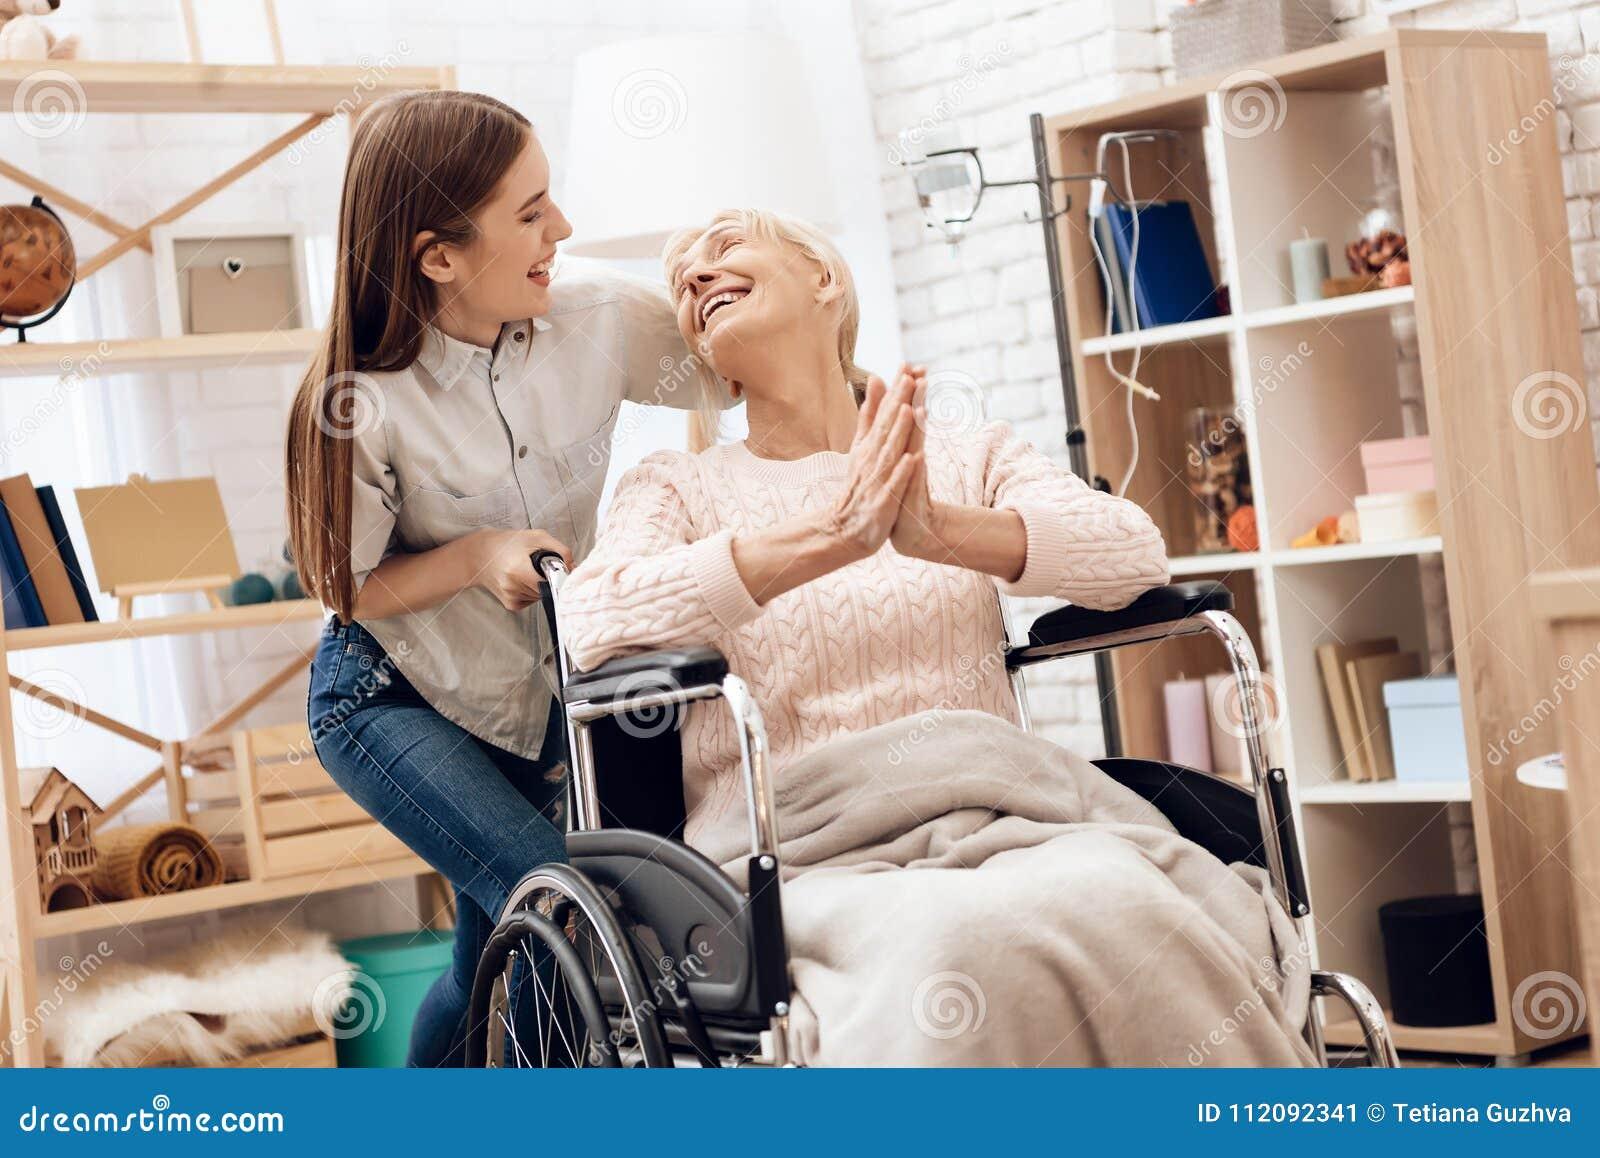 Mädchen pflegt ältere Frau zu Hause Mädchen reitet Frau im Rollstuhl Frau amüsiert sich